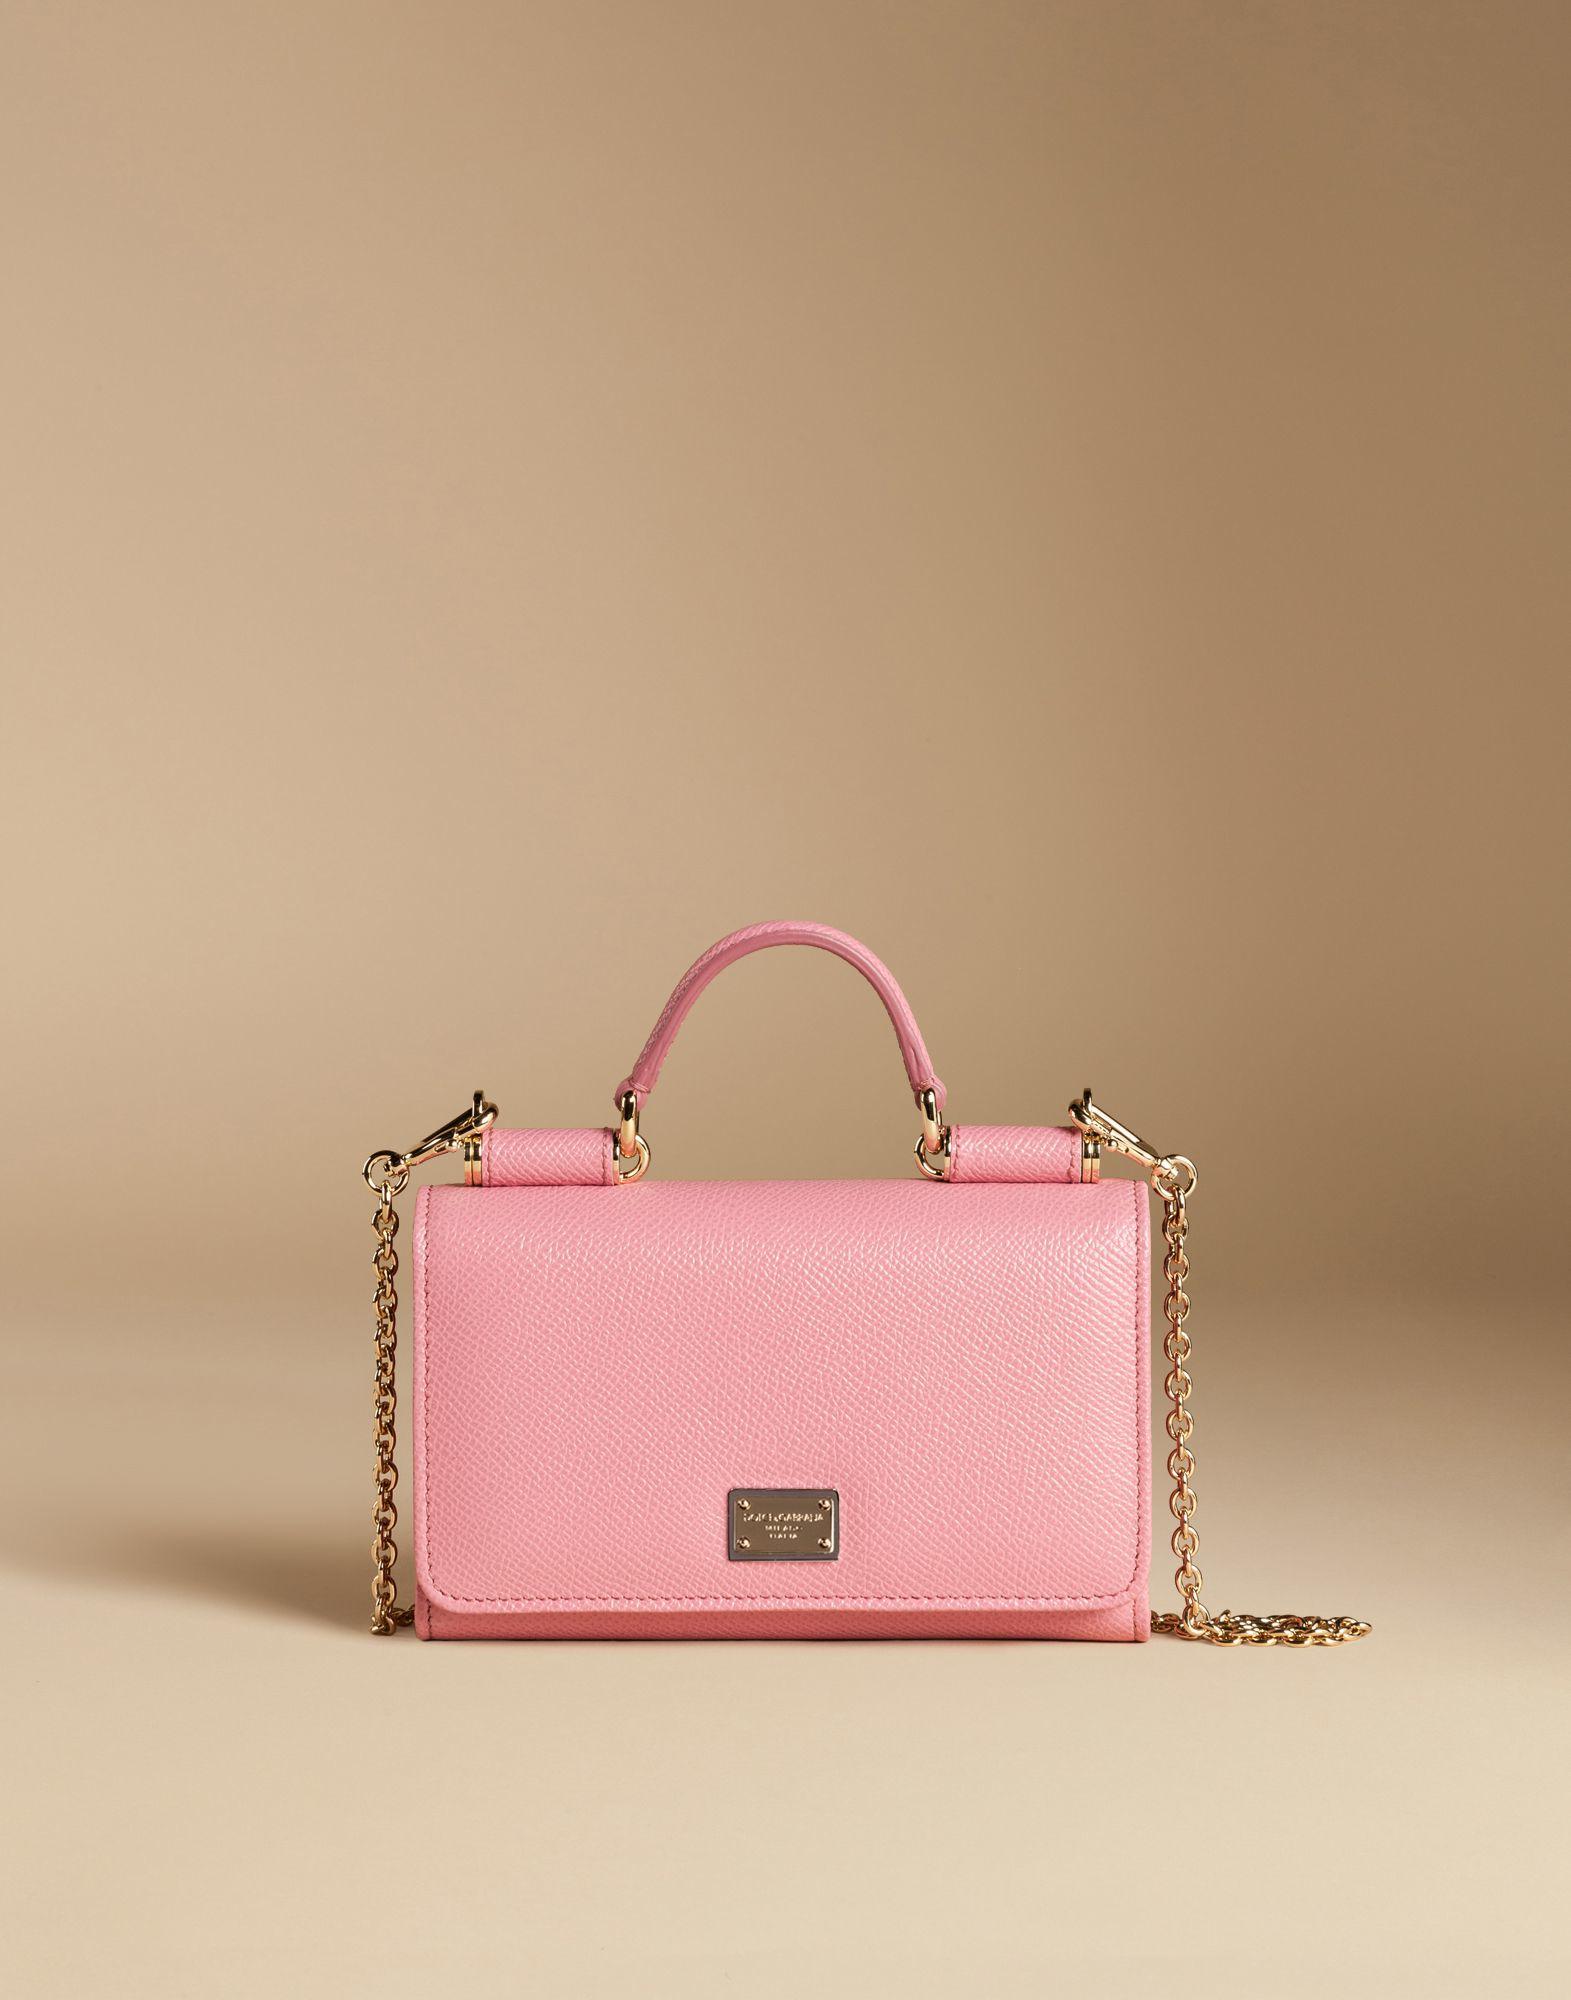 a9917a85b2d1 Lyst - Dolce   Gabbana Mini Von Bag In Dauphine Print Leather in Pink